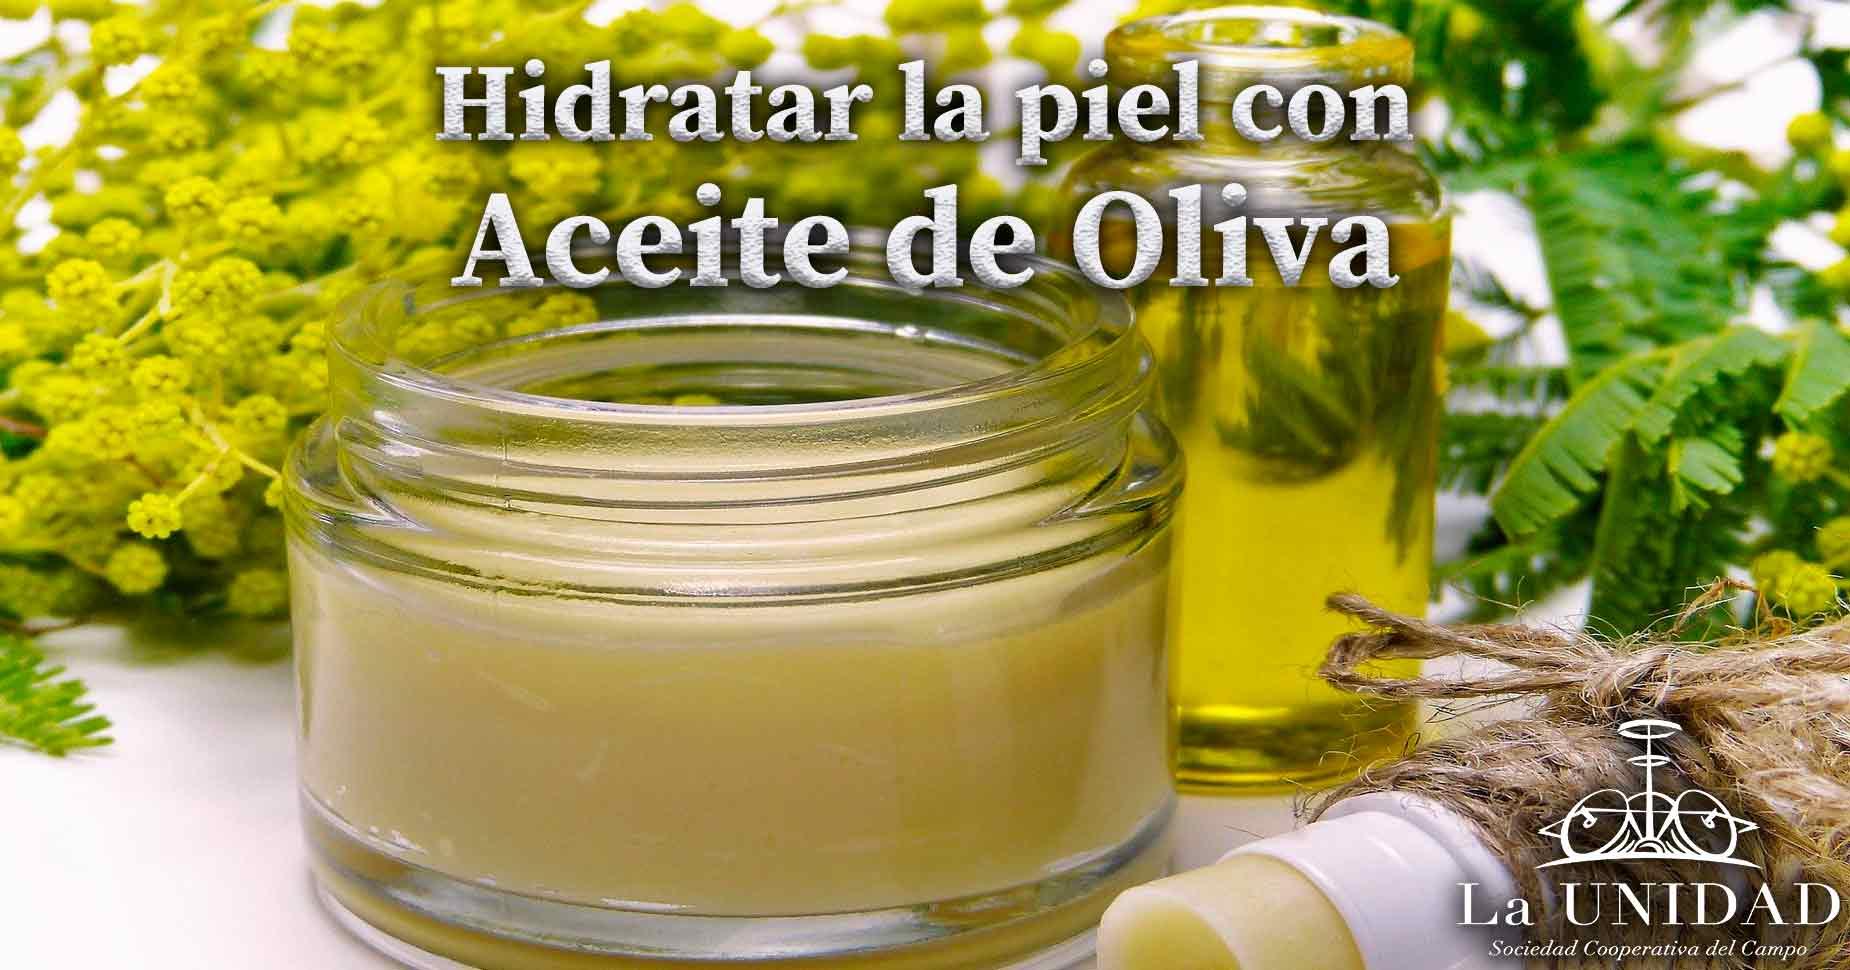 Hidratar la piel con Aceite de Oliva